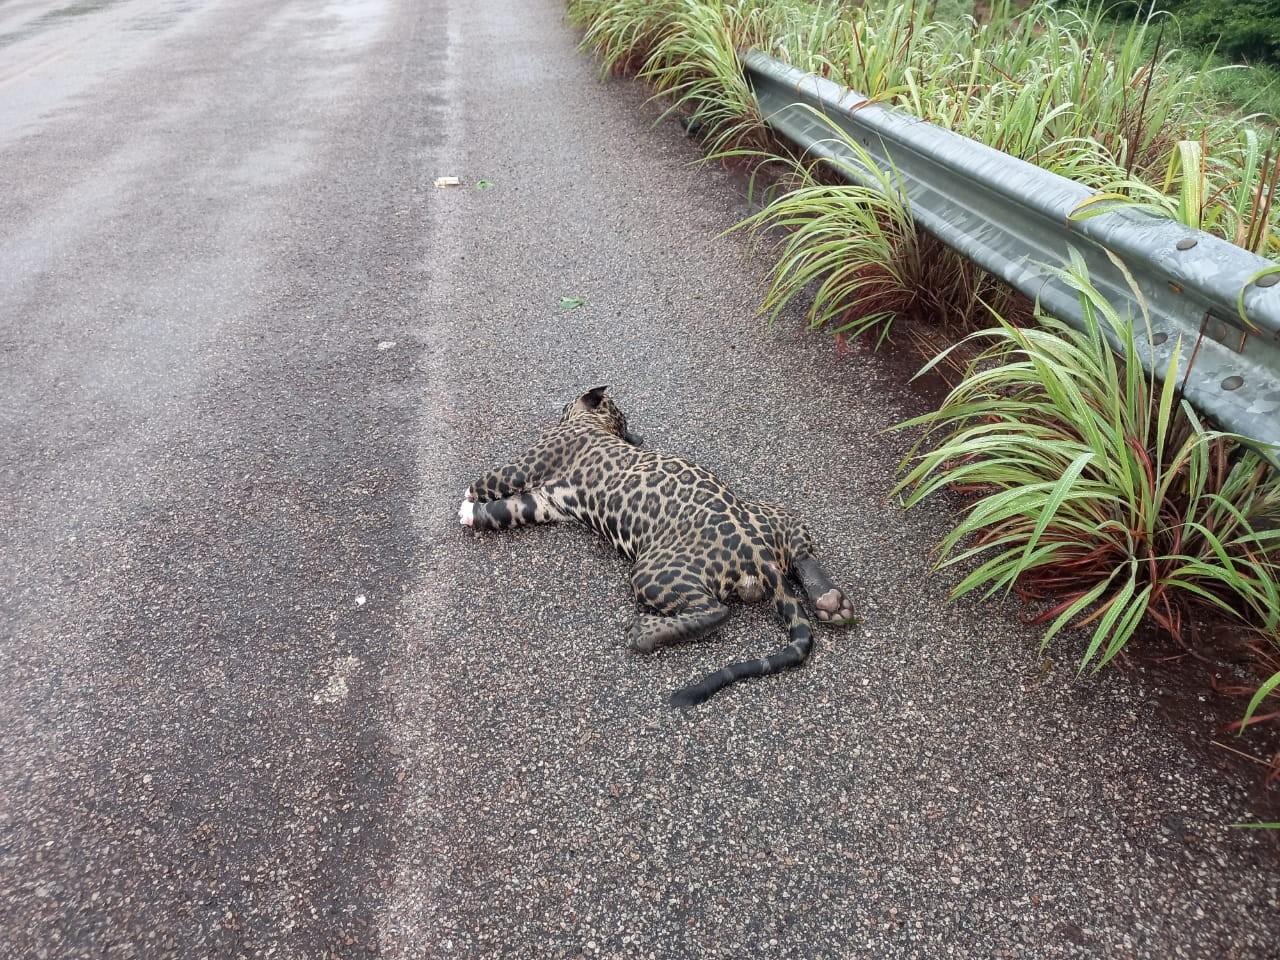 Motorista encontra onça pintada atropelada e com as patas cortadas em rodovia estadual